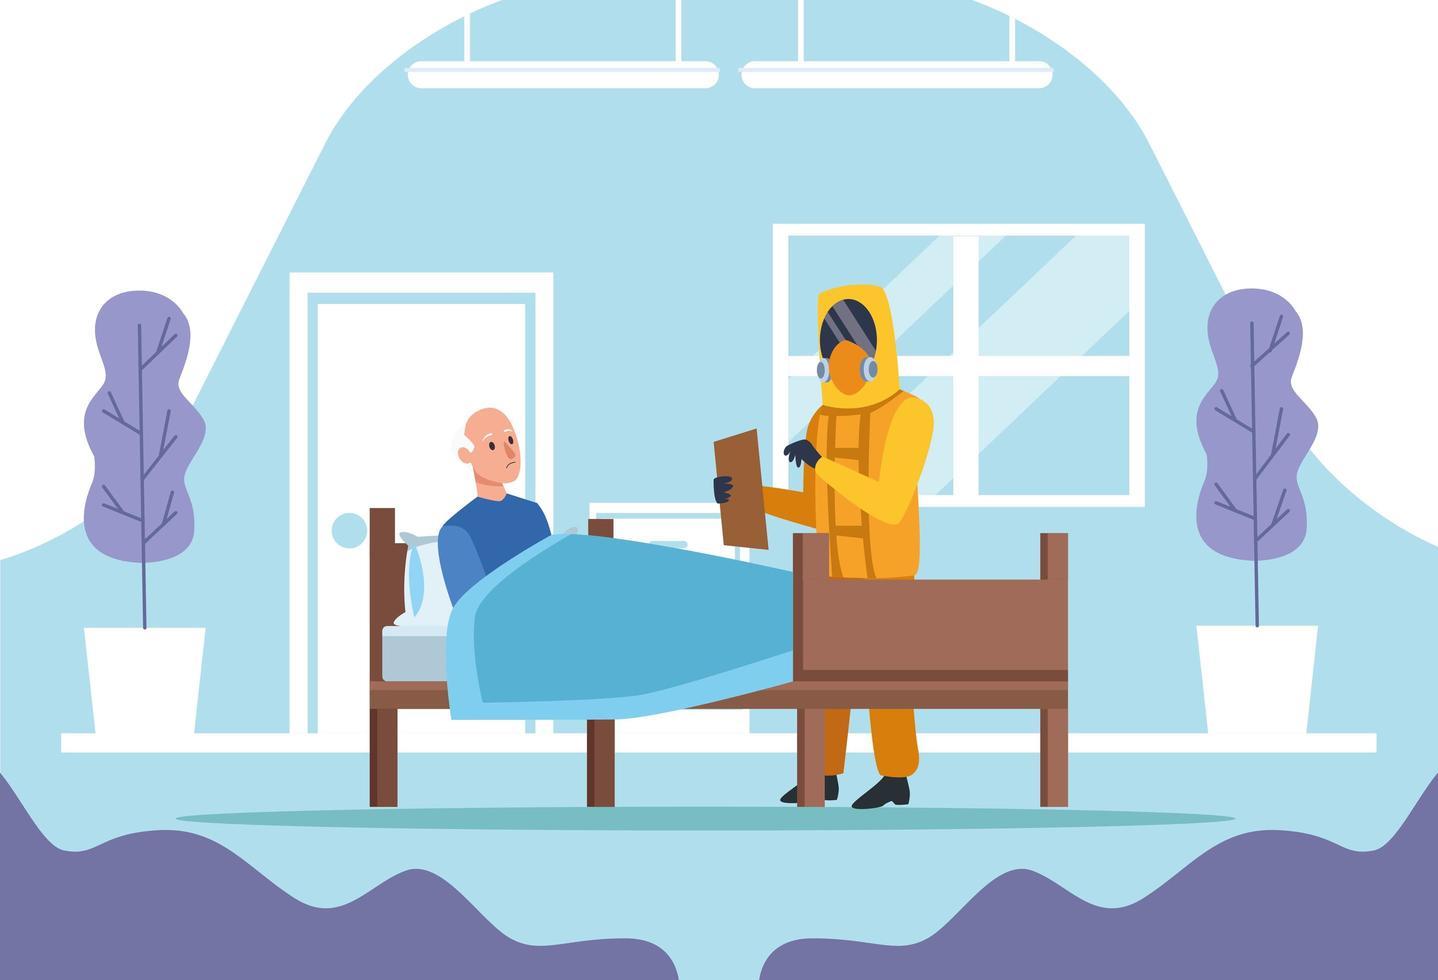 läkare med biohazarddräkt som skyddar äldre man vektor